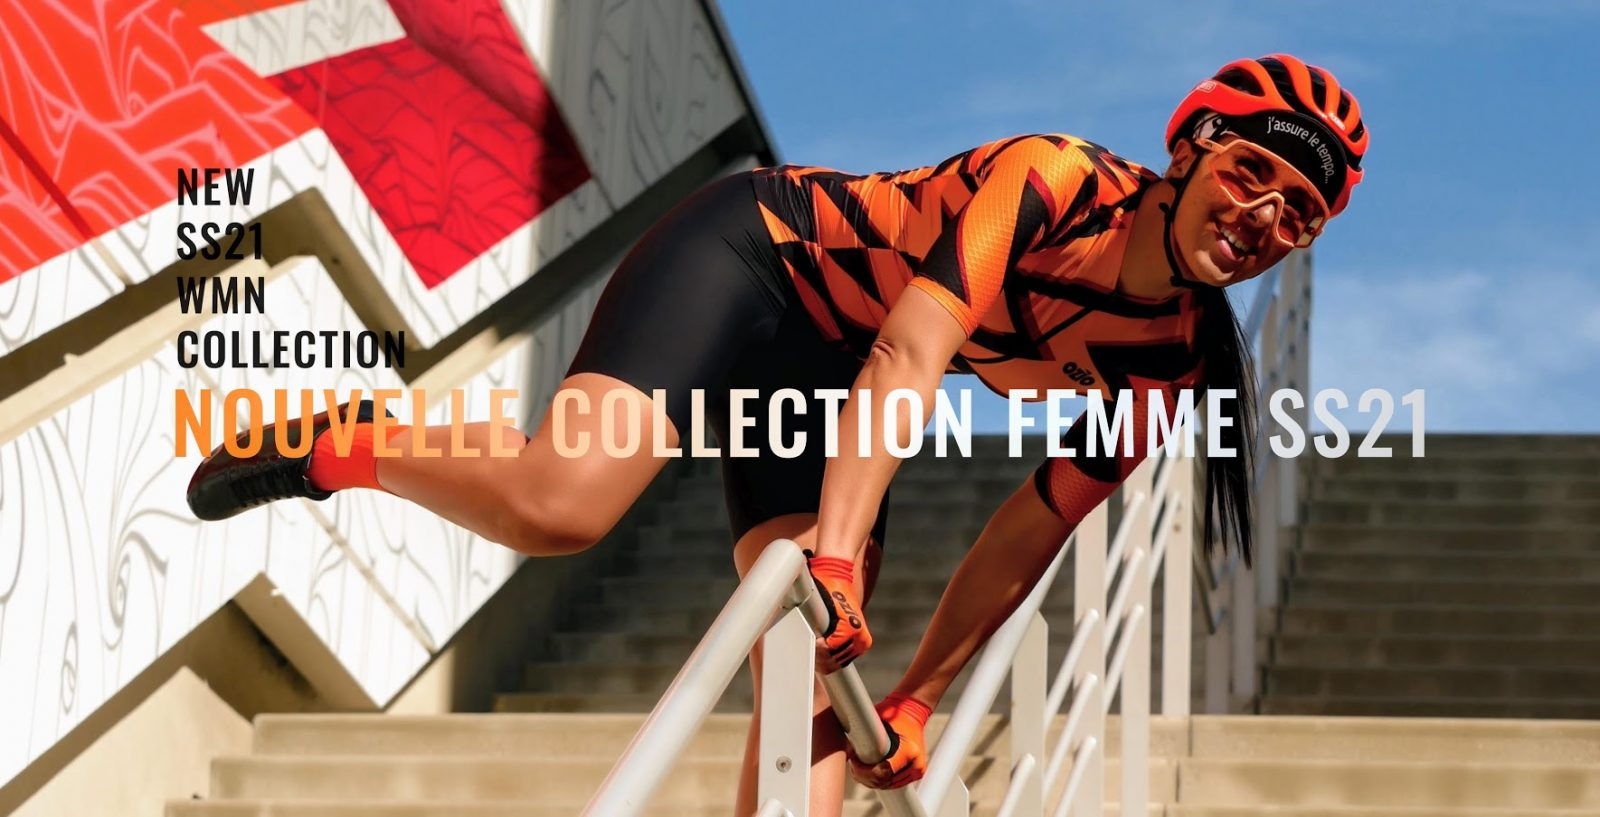 vêtements femme vélo collection printemps été